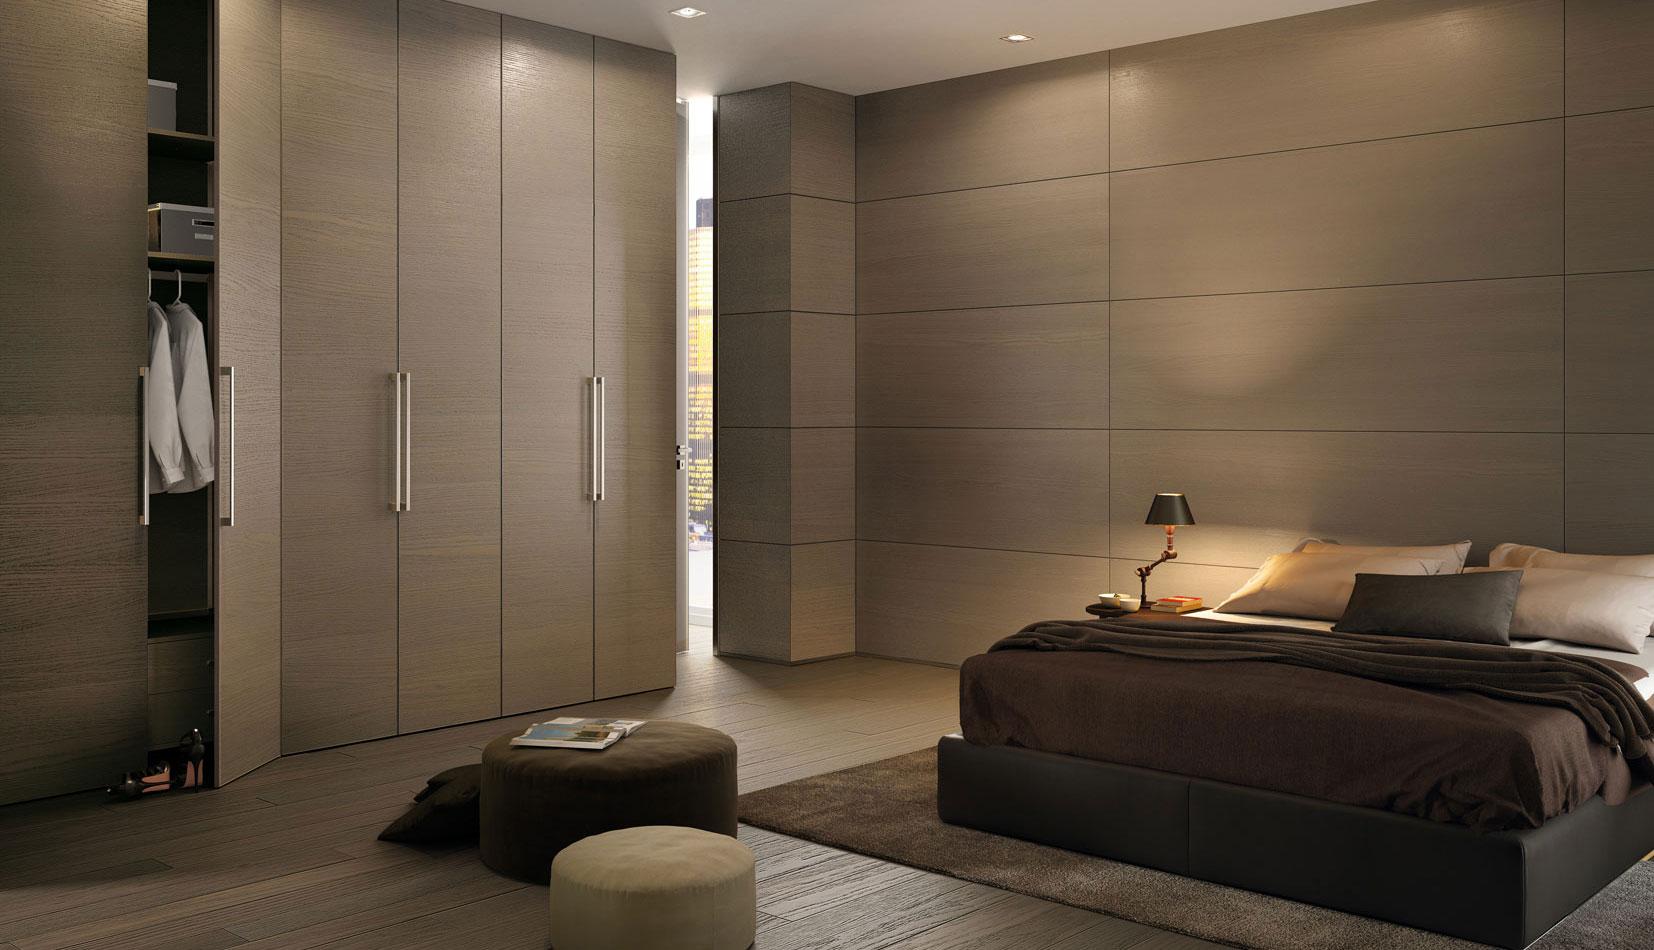 Панель из дерева в спальной комнате